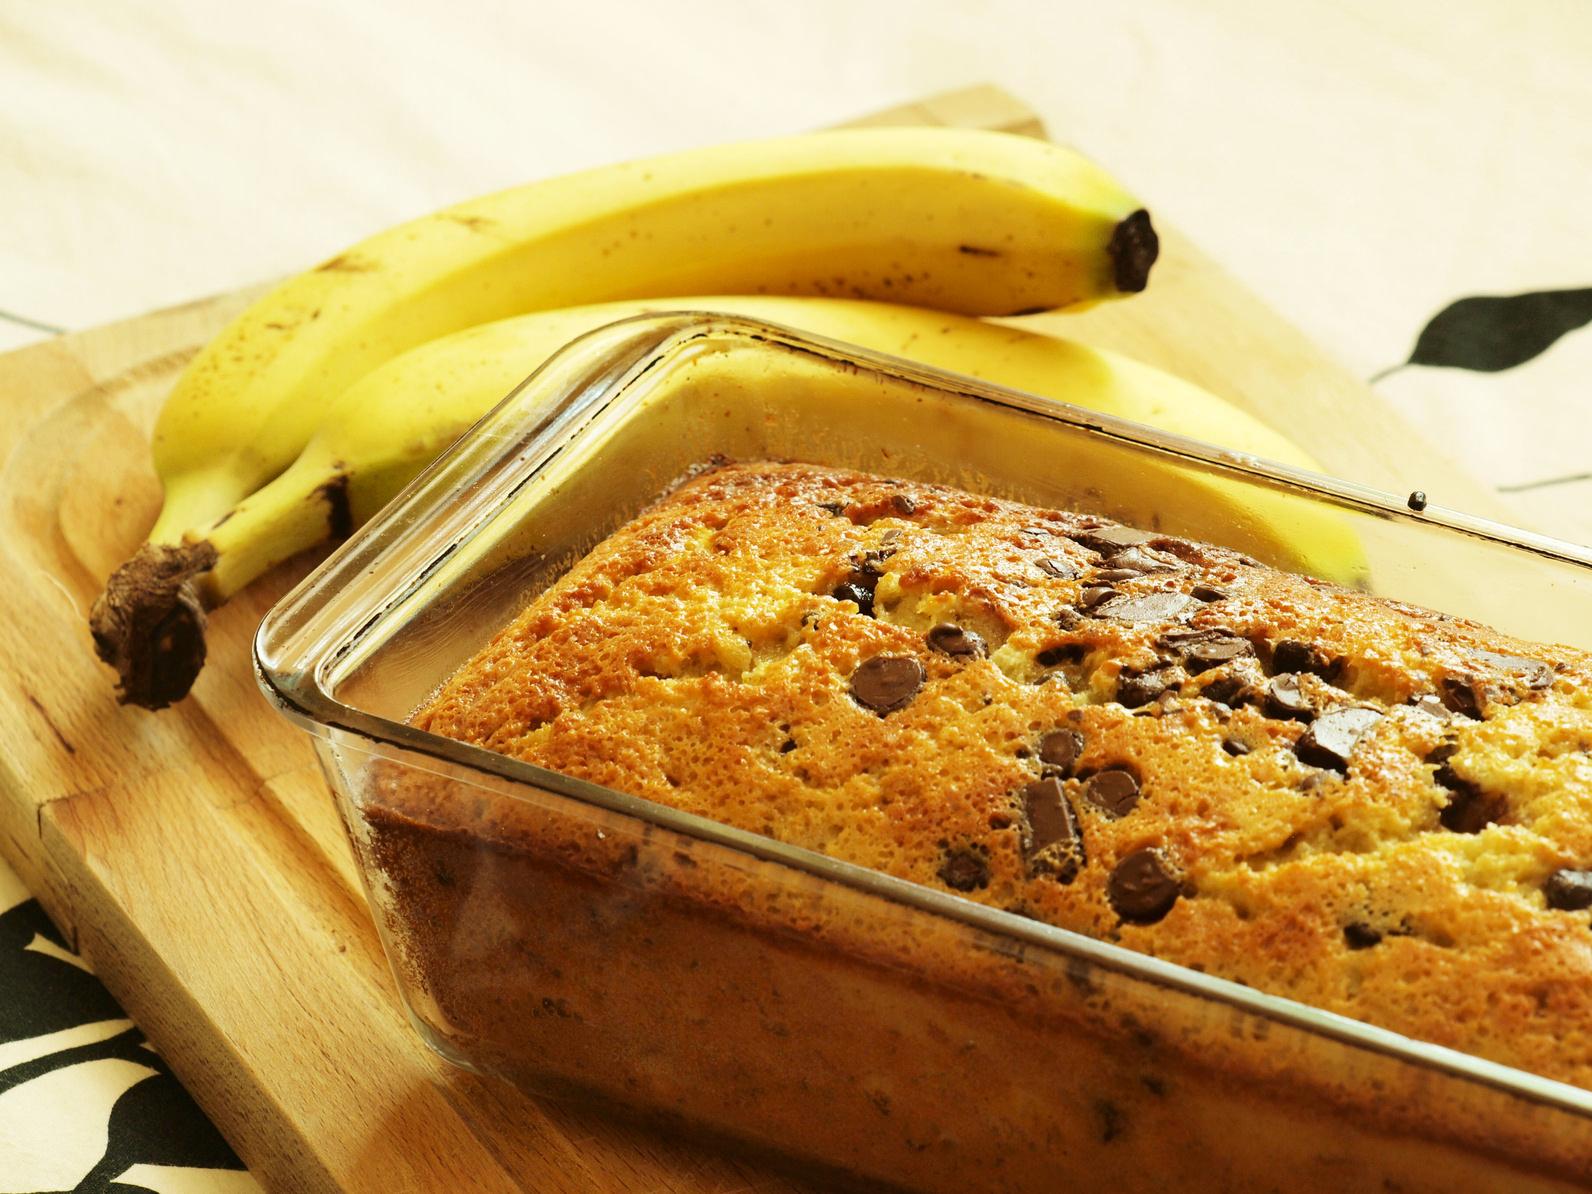 Gateau bananes chocolat un cake simple tr s facile faire id al pour un gouter les recettes de - Recette facile a faire pour le gouter ...